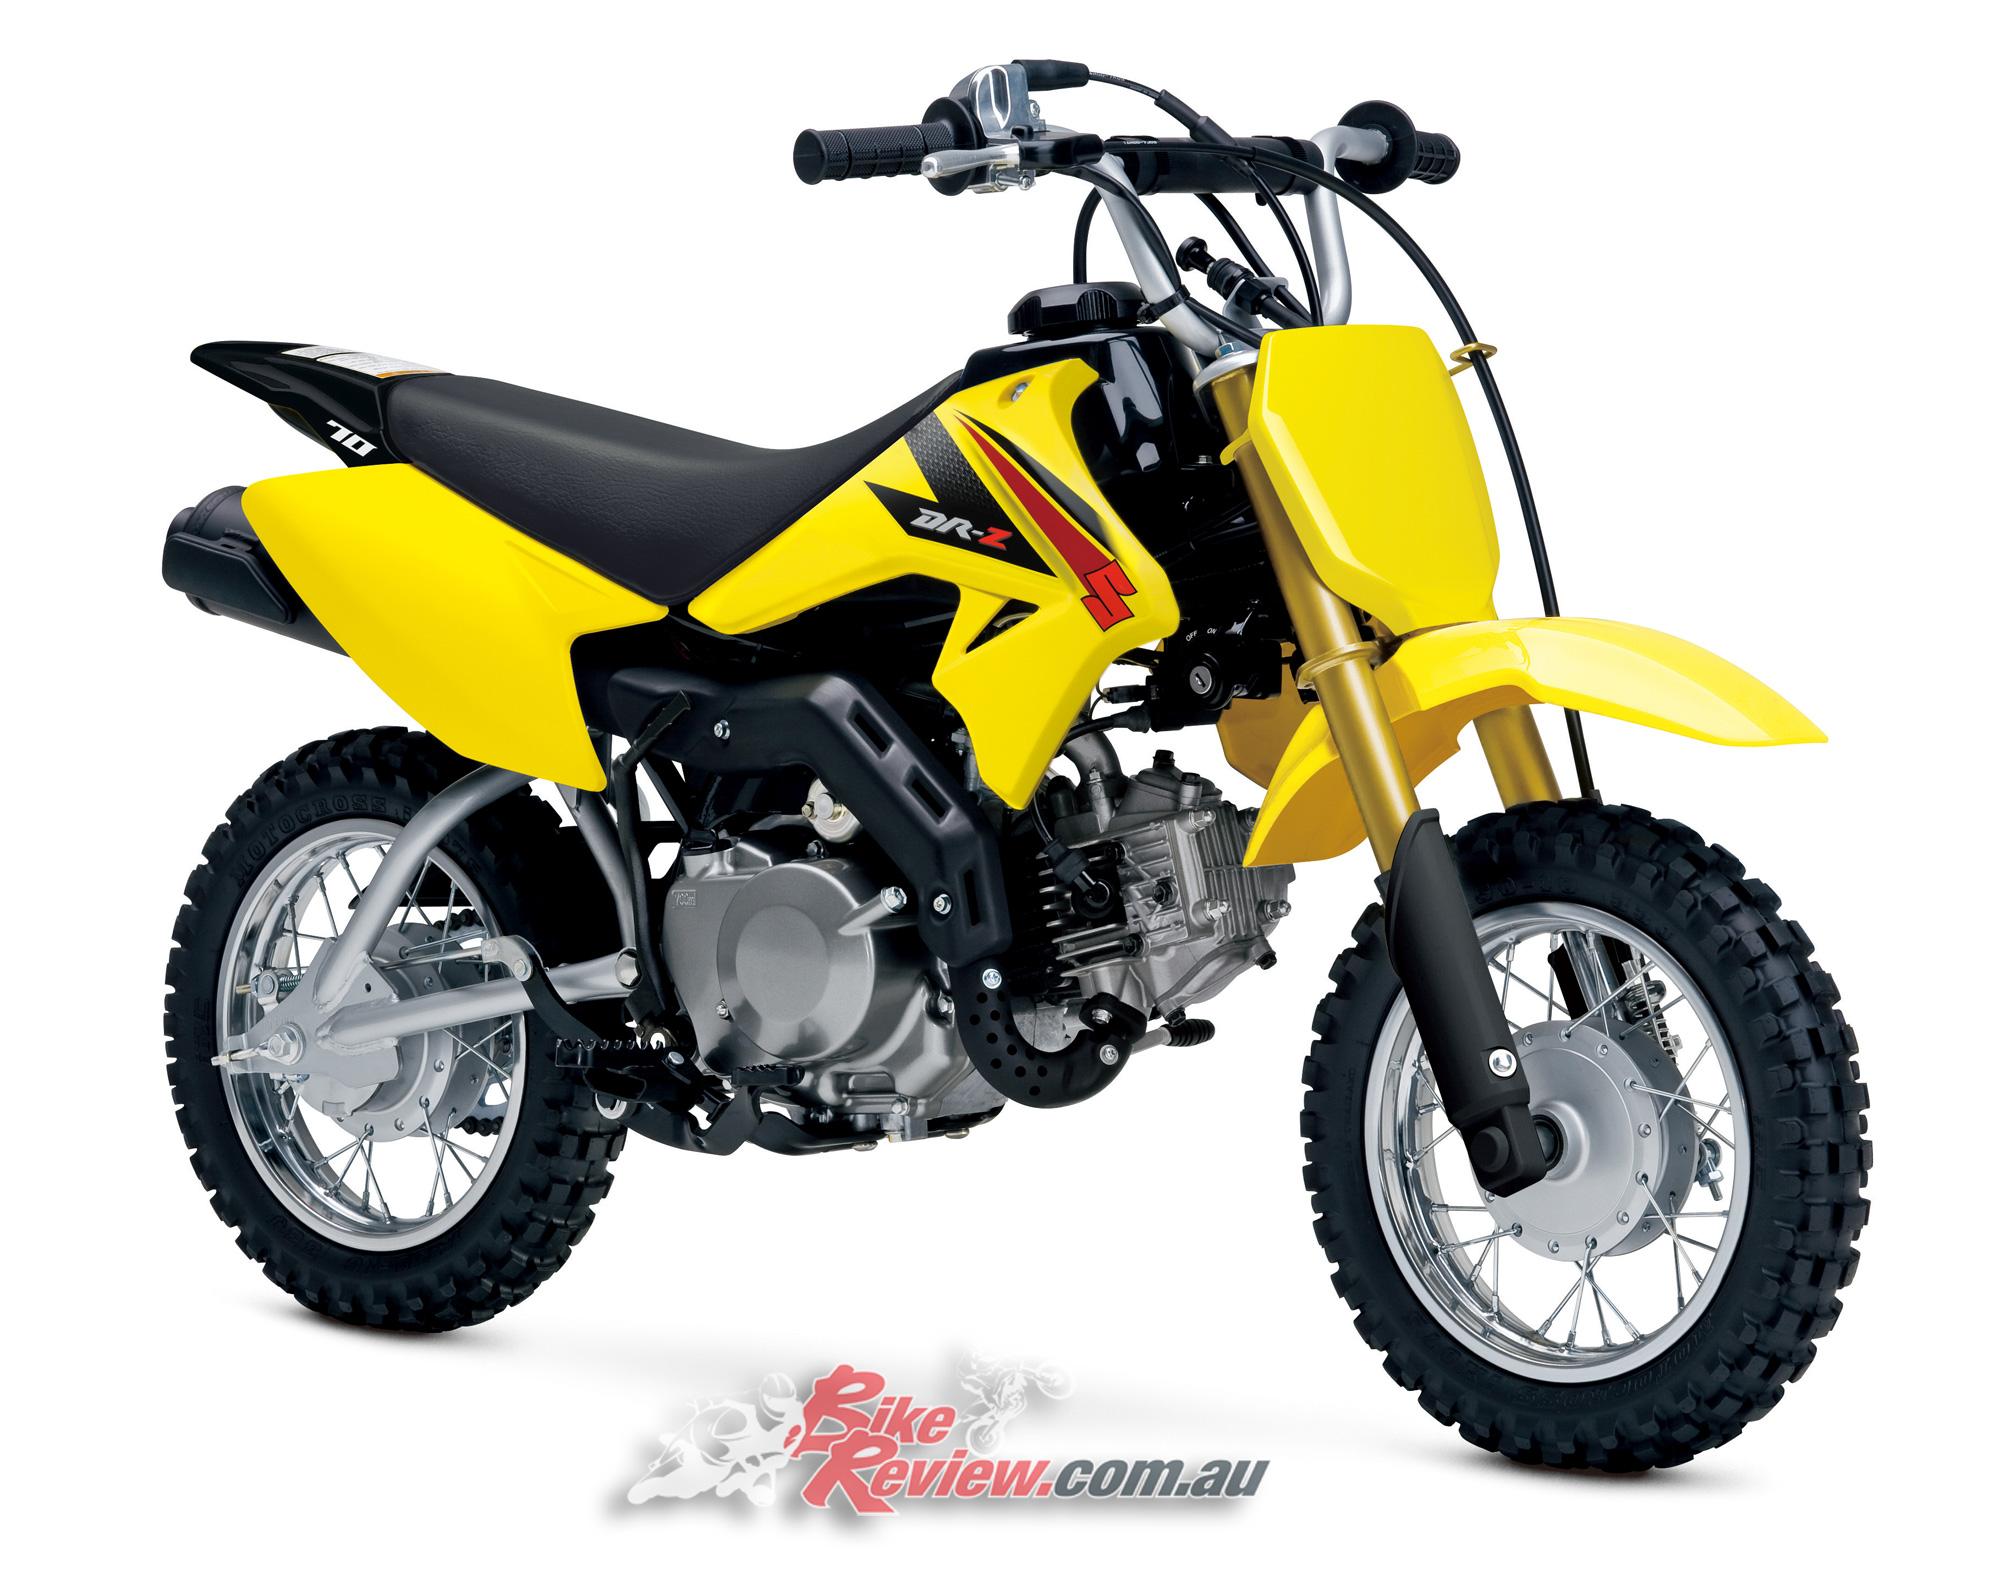 Suzuki Big Bike Price List